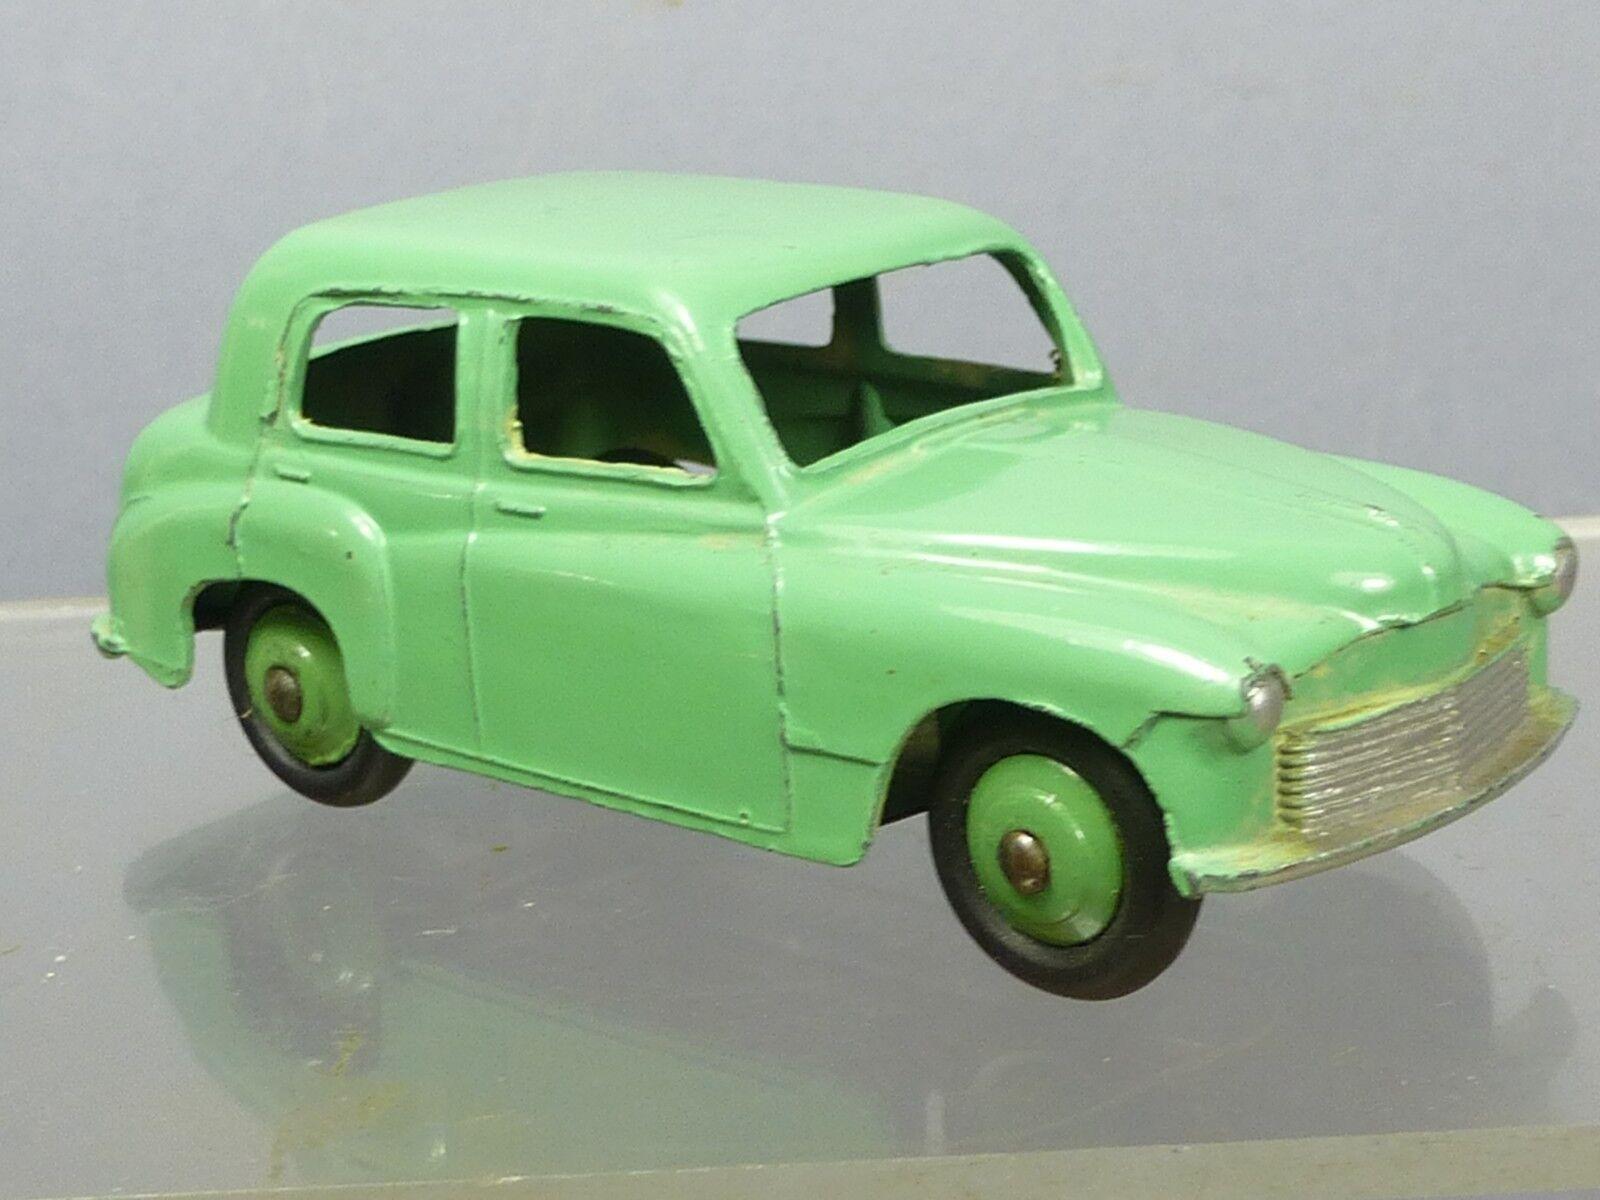 Ein schäbiger spielzeug - modell no.40f hillman minx saloon  grün - version